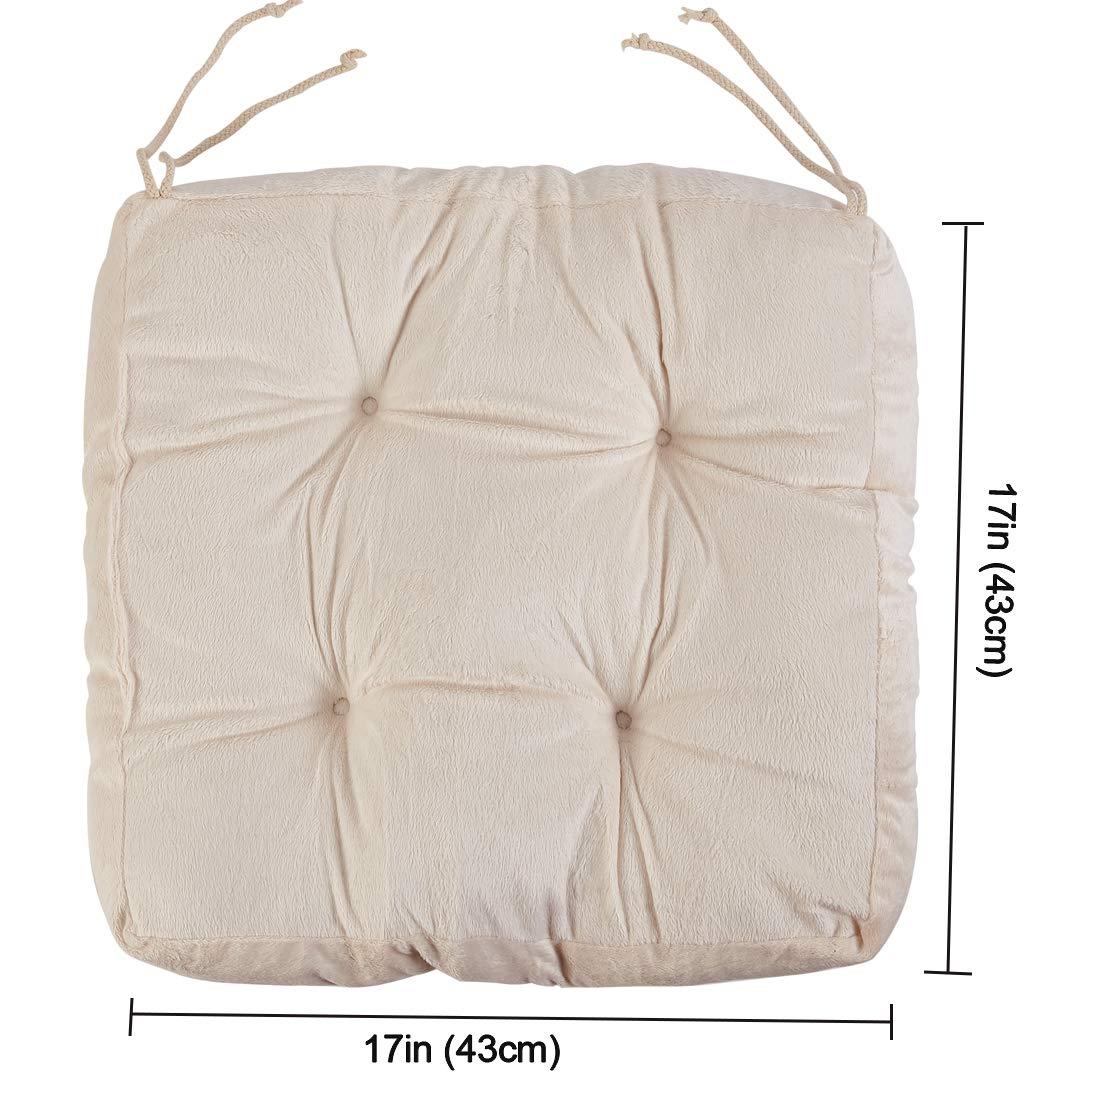 Amazon.com: Big Hippo - Cojín cuadrado de algodón para silla ...